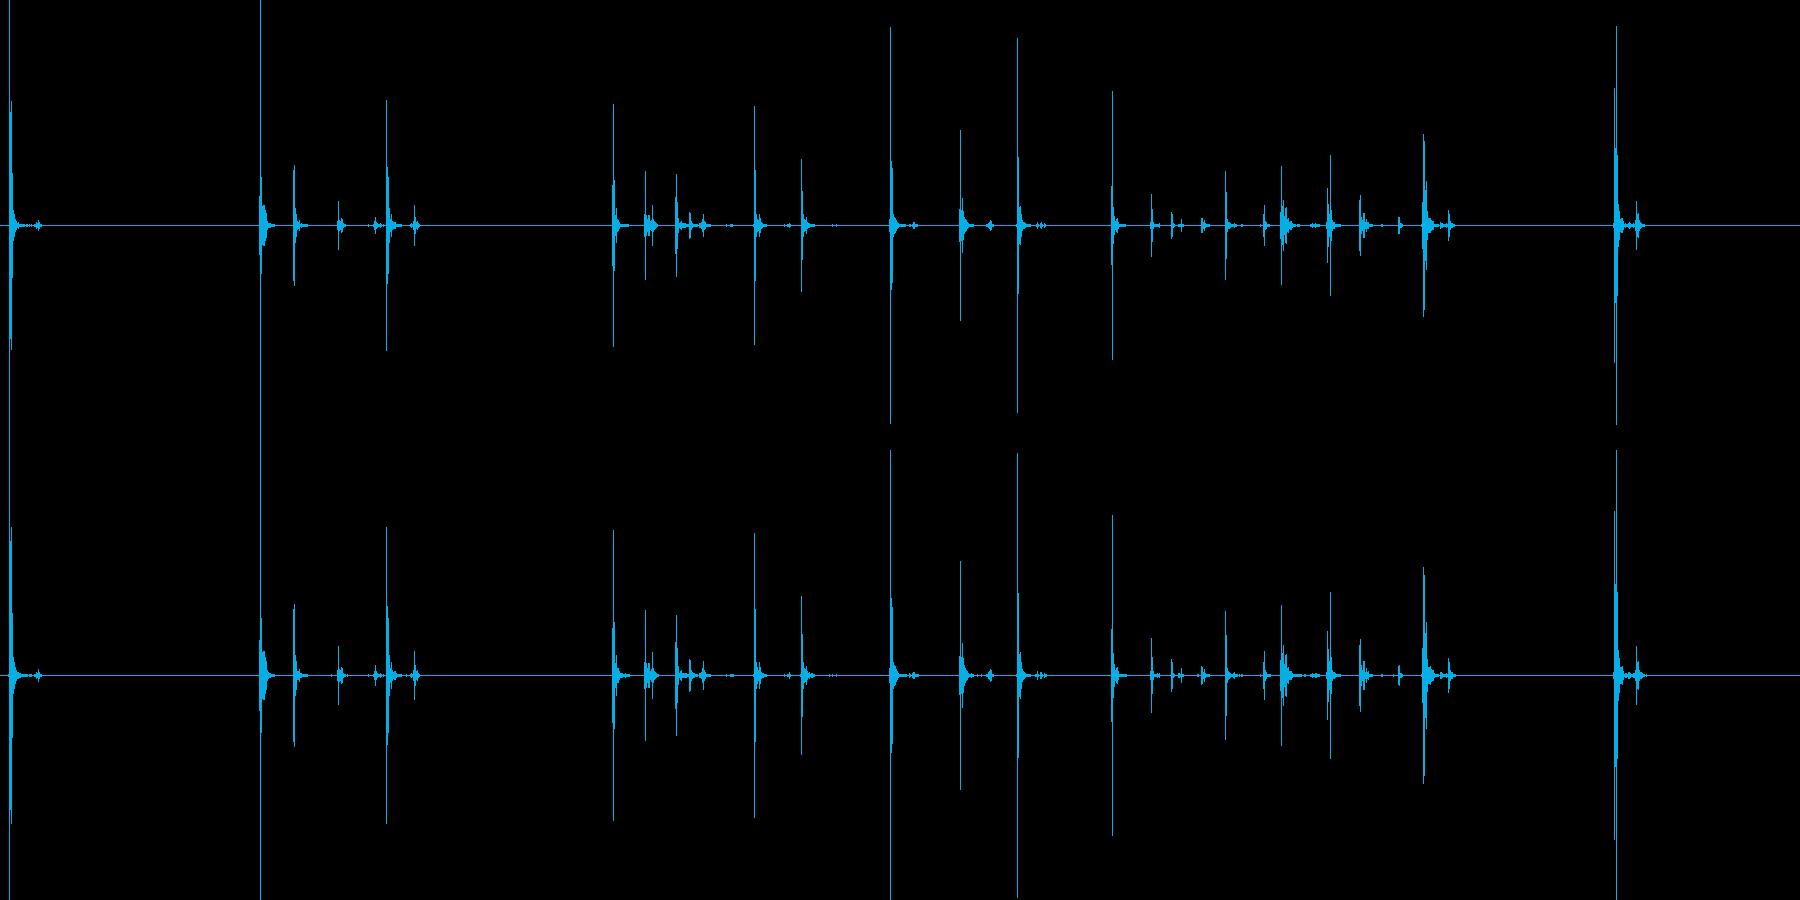 【キータイプ】デスクトップPCキーボードの再生済みの波形